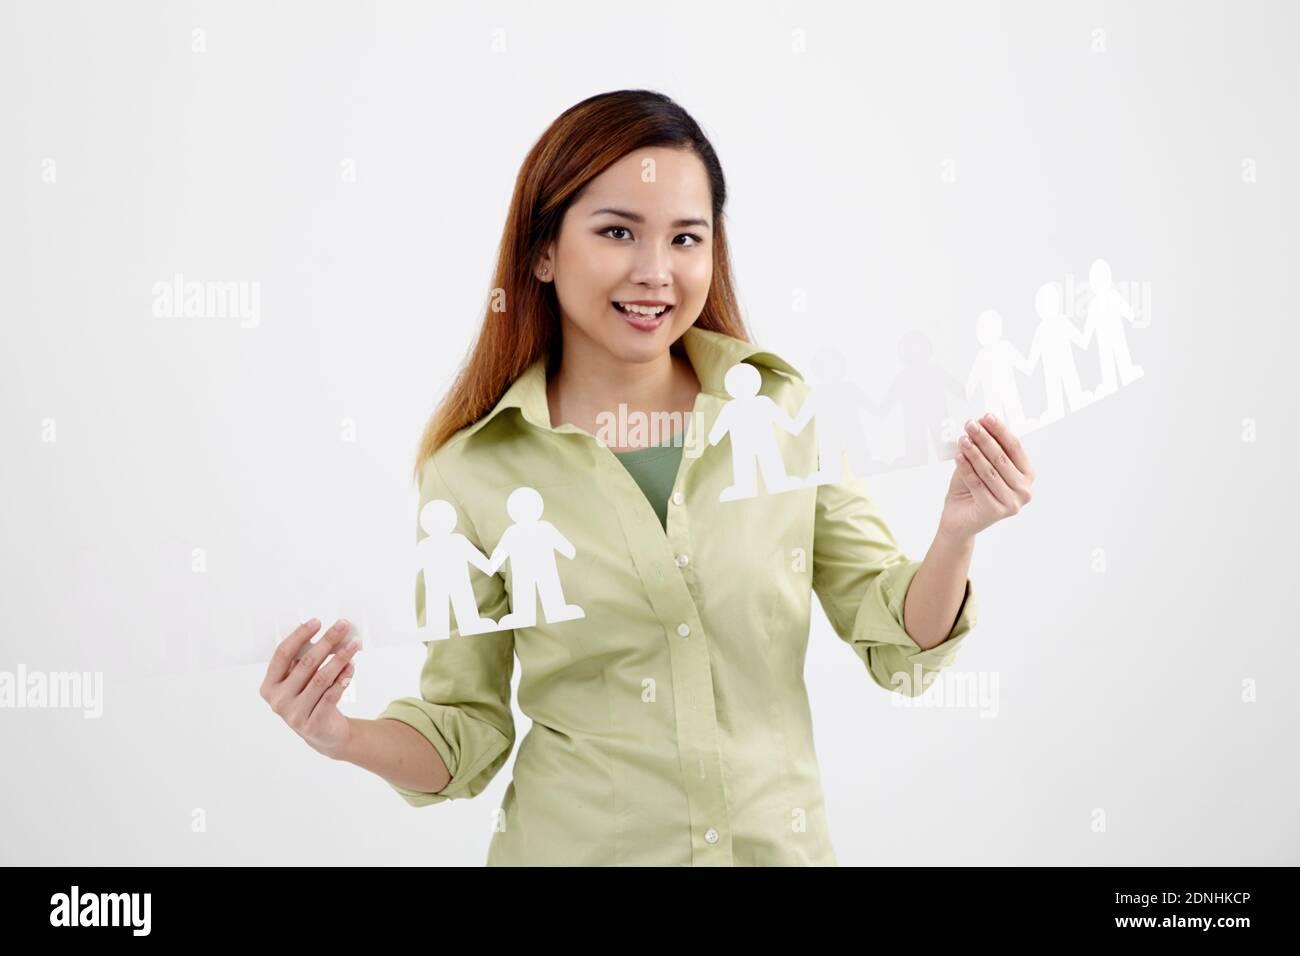 Retrato de la joven feliz sosteniendo cadenas de papel de la gente contra fondo blanco Foto de stock